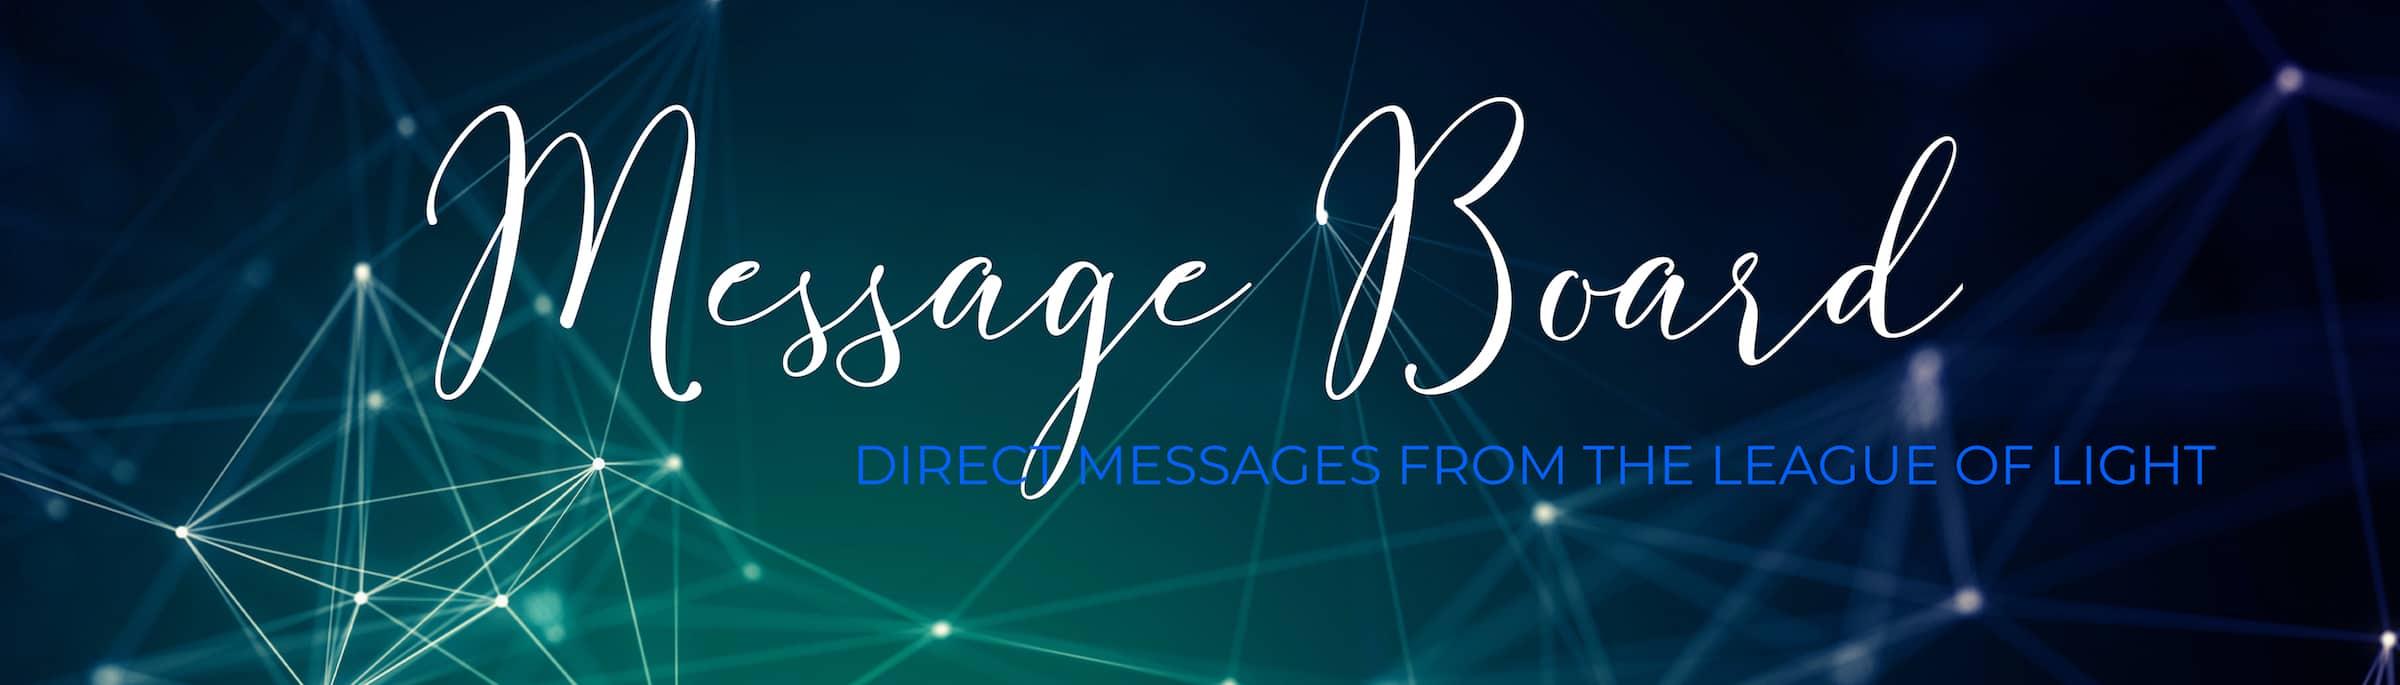 LOL DM message board